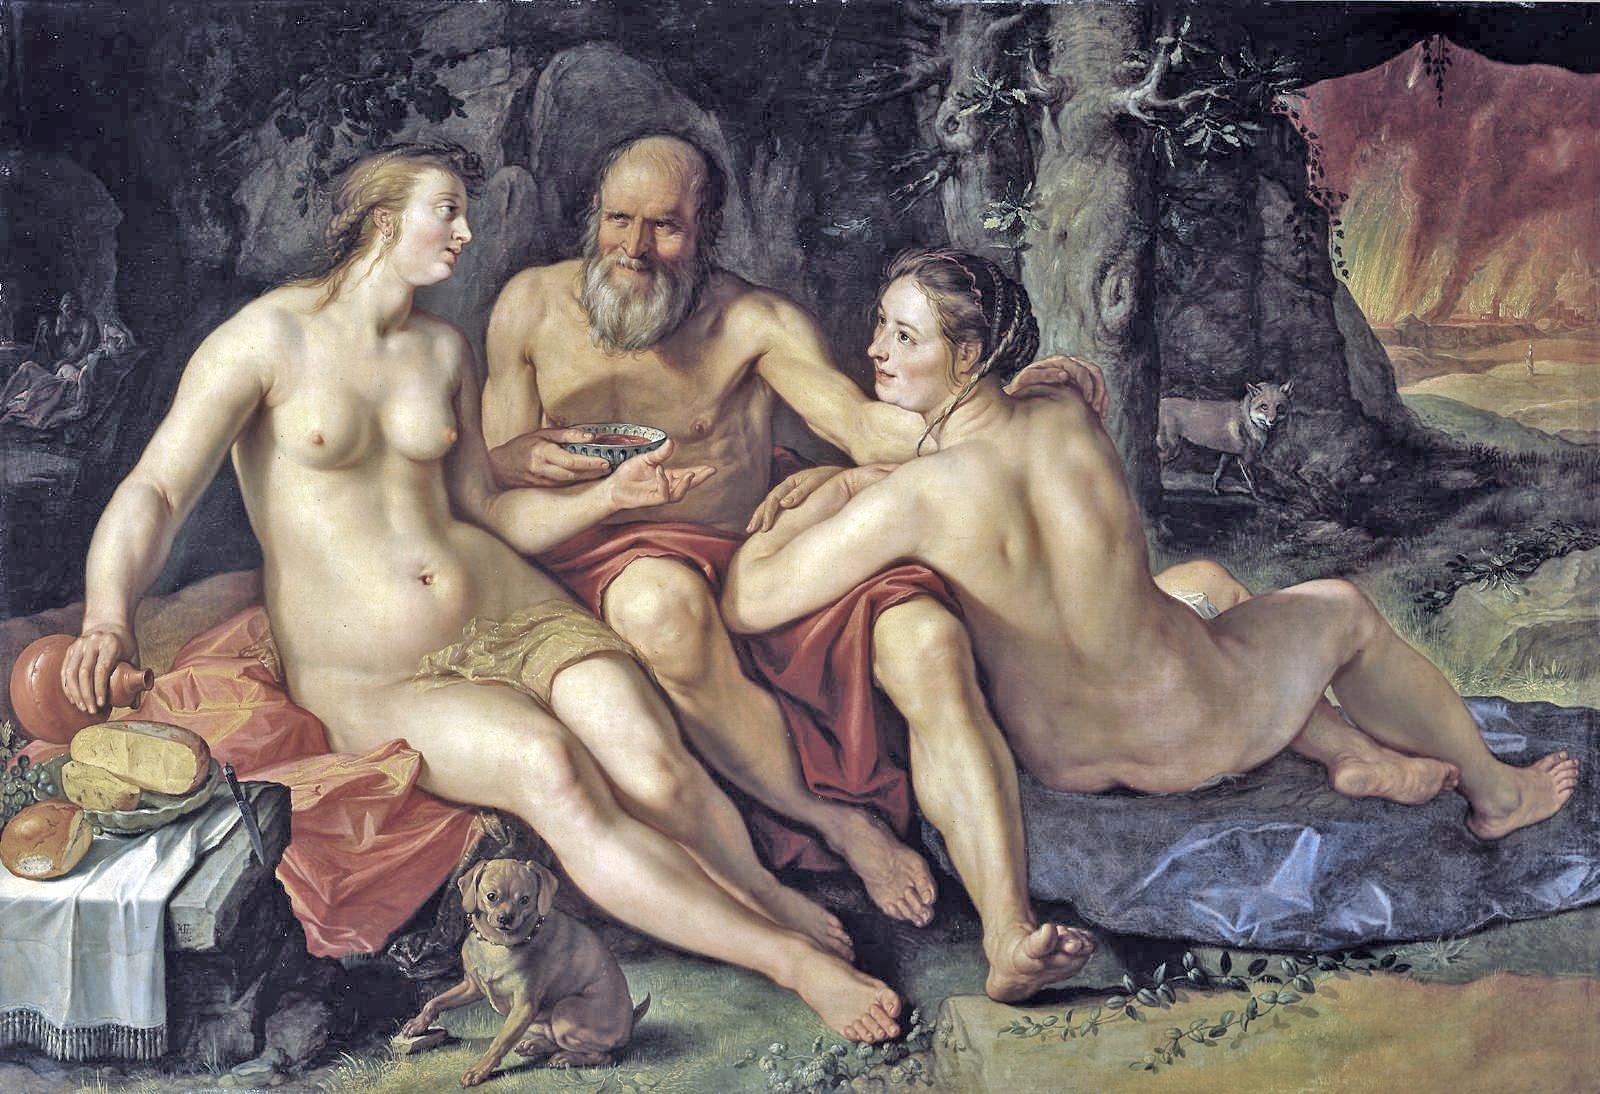 סקס וארוטיקה באמנות הרנסנס והבארוק